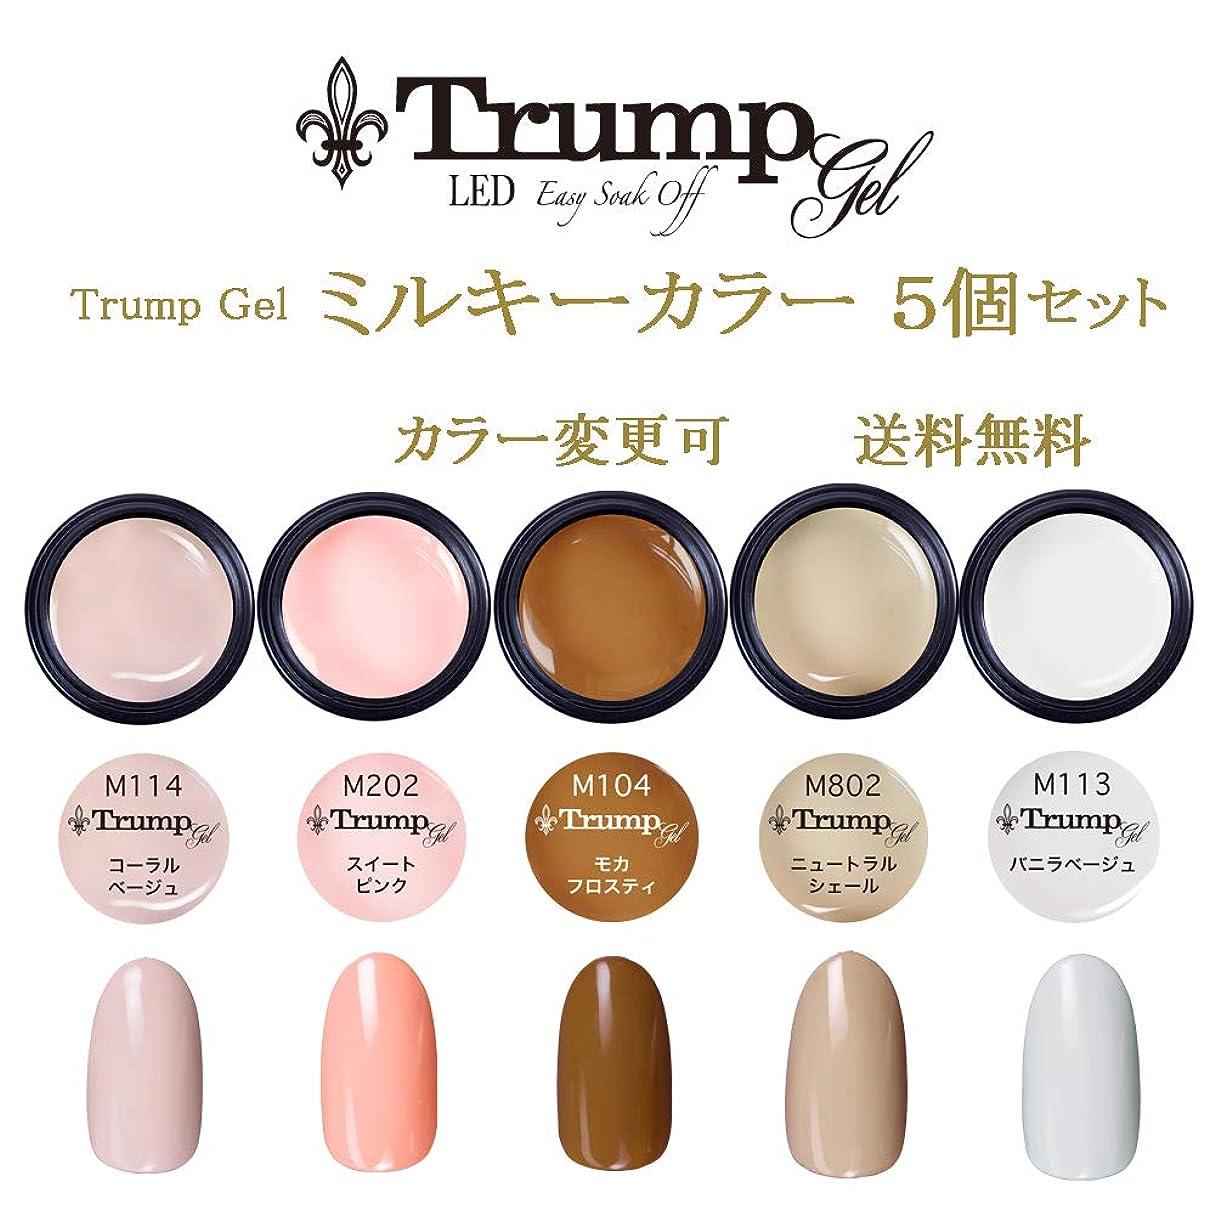 デクリメント統合仕事に行く【送料無料】日本製 Trump gel トランプジェル ミルキーカラー 選べる カラージェル 5個セット ミルキーネイル ベージュ ピンク ミルキー カラー